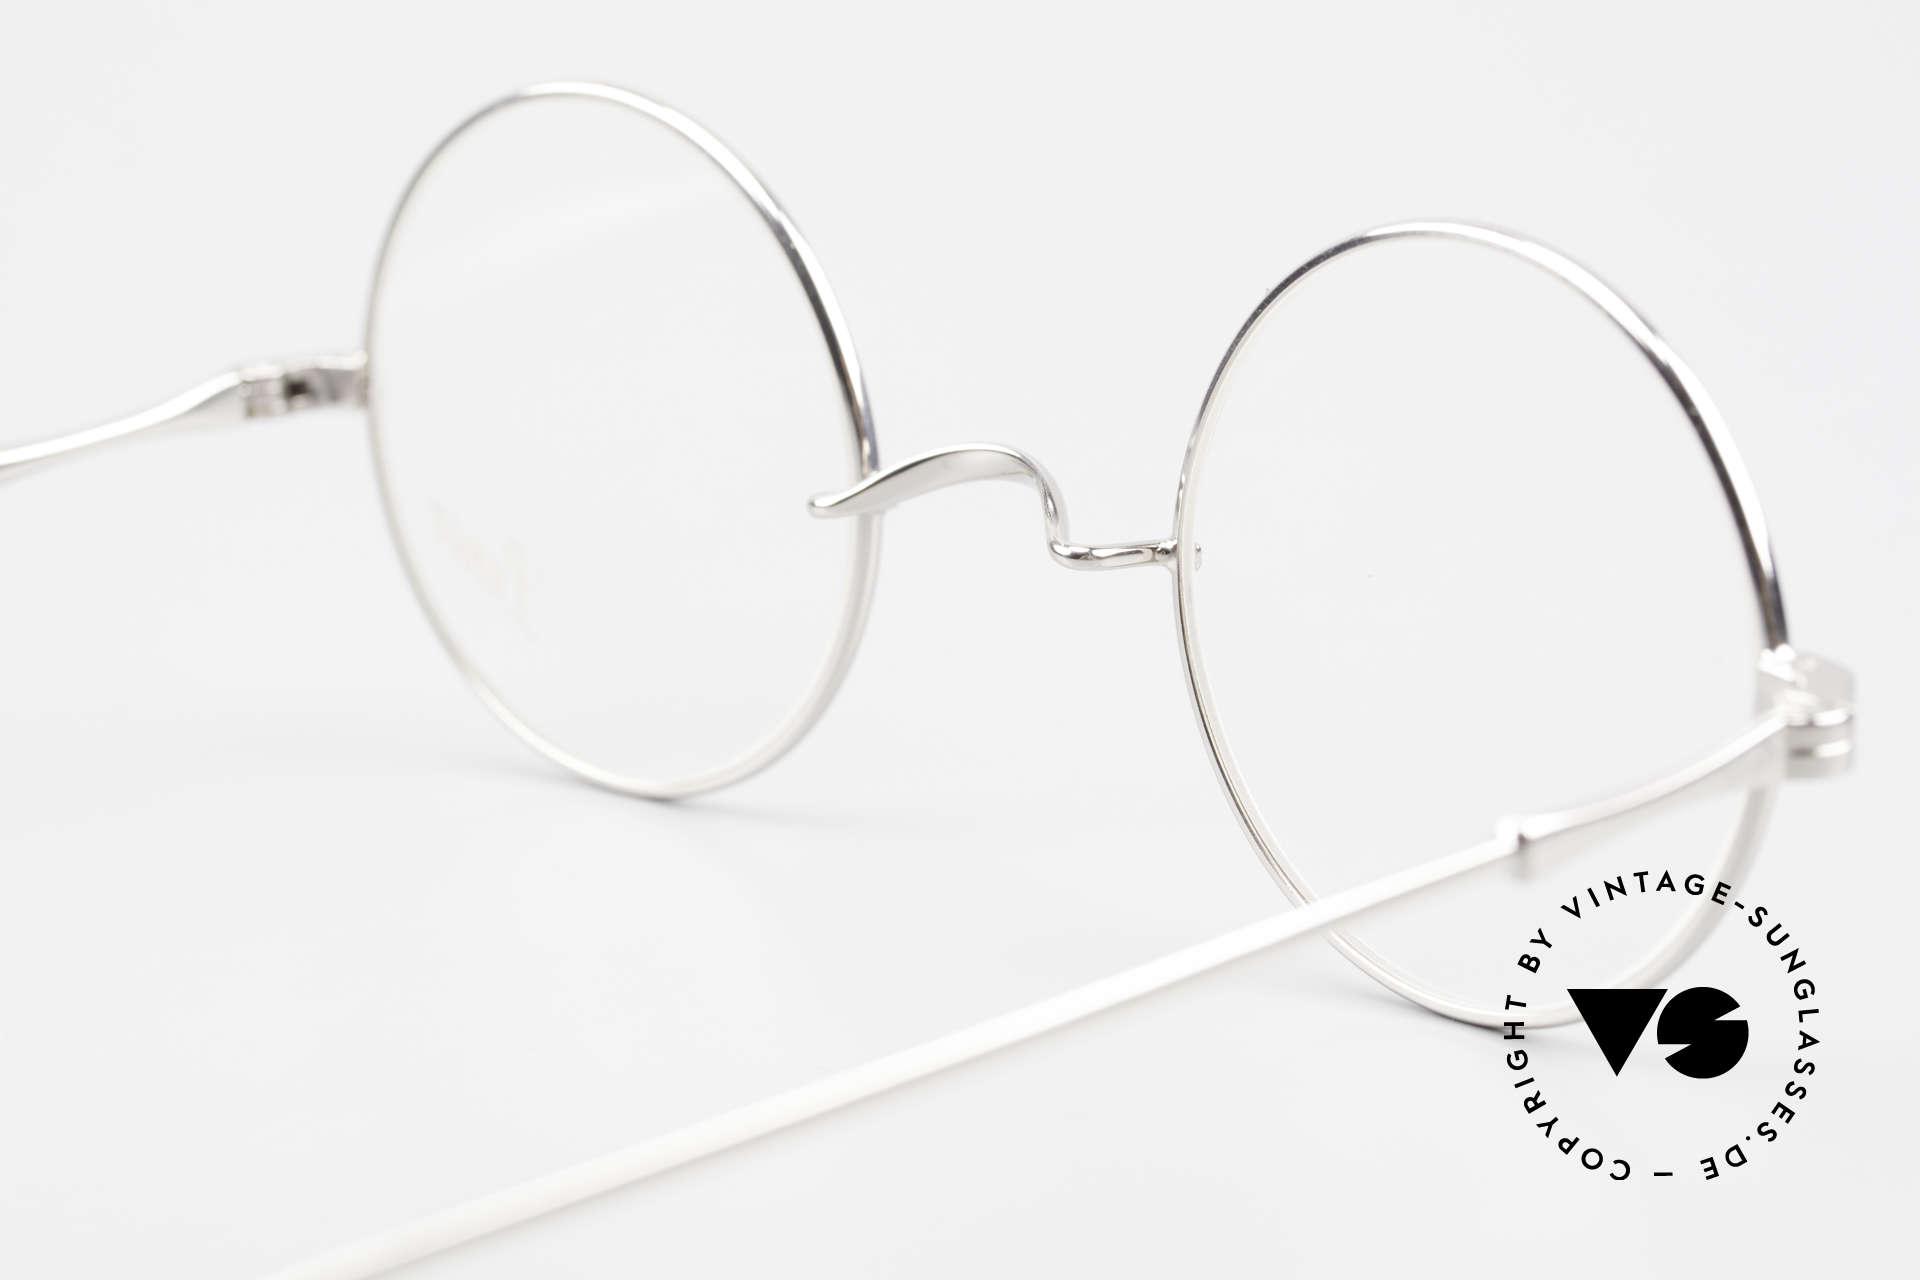 Lunor II 23 Runde Lunor Brille Limited, diese Qualitätsfassung kann beliebig verglast werden, Passend für Herren und Damen